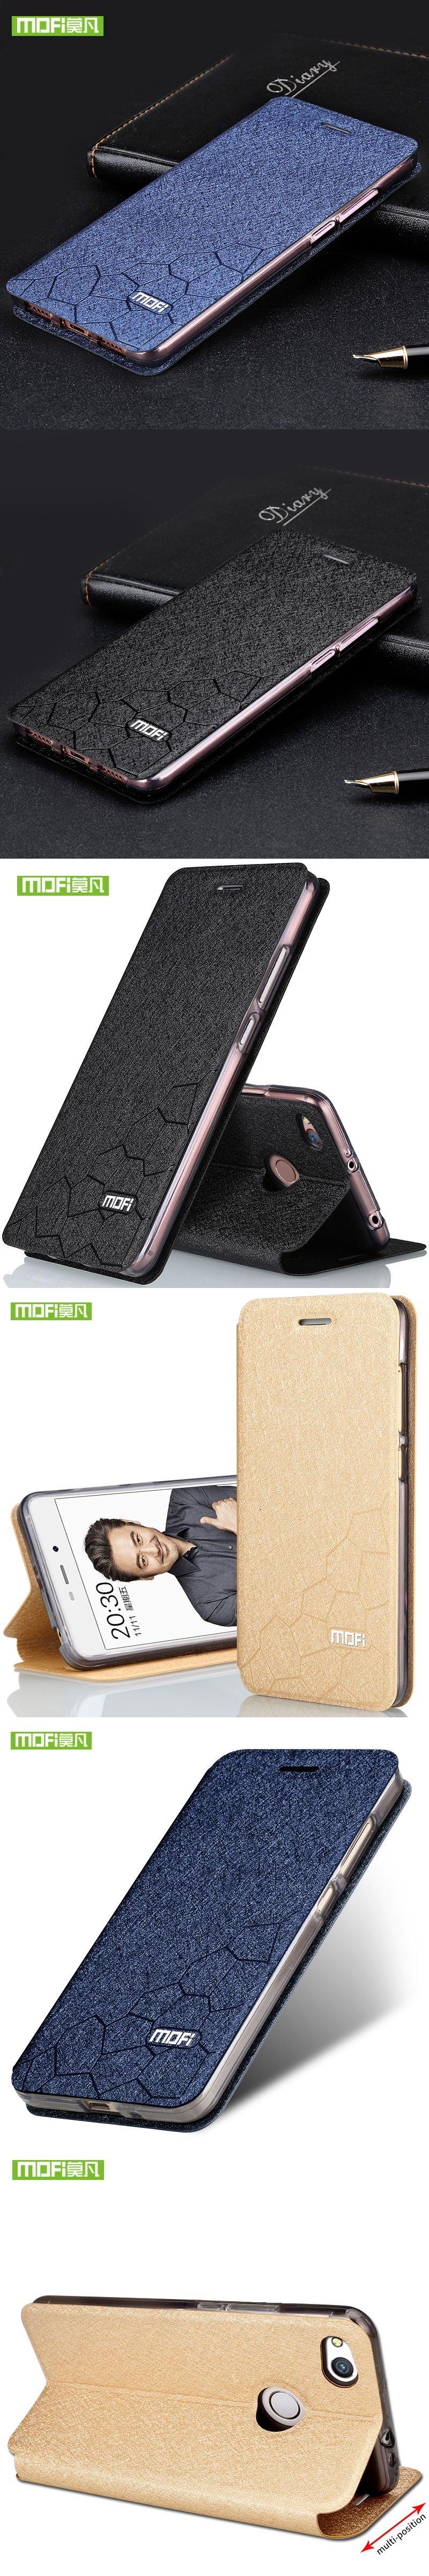 Xiaomi redmi 4X case silicone TPU back flip leather cover original Mofi Xiaomi redmi 4X case